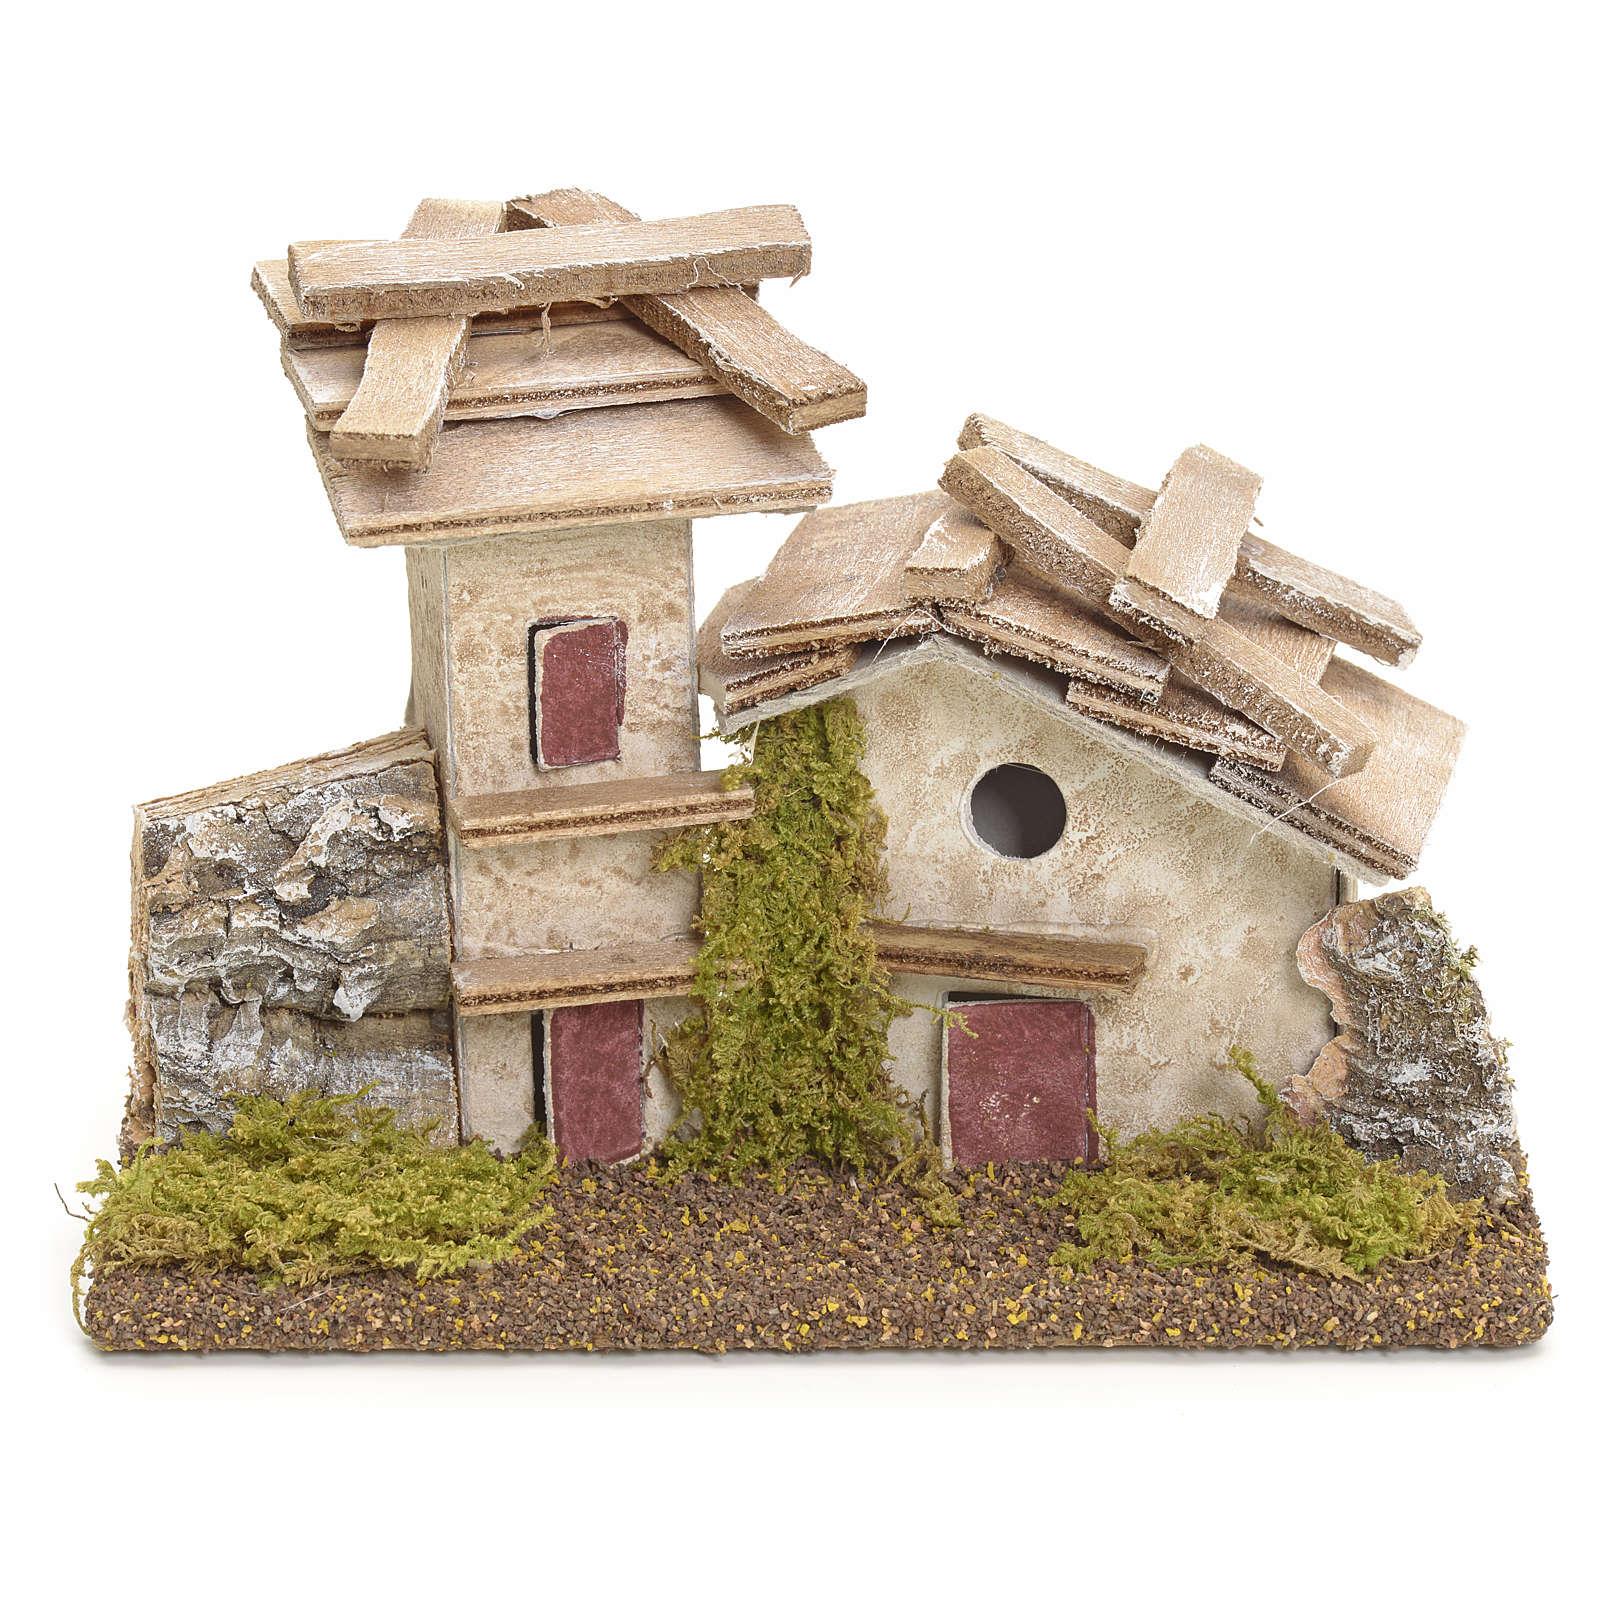 Casa rústica con muro piedra pesebre 11cm altura 4